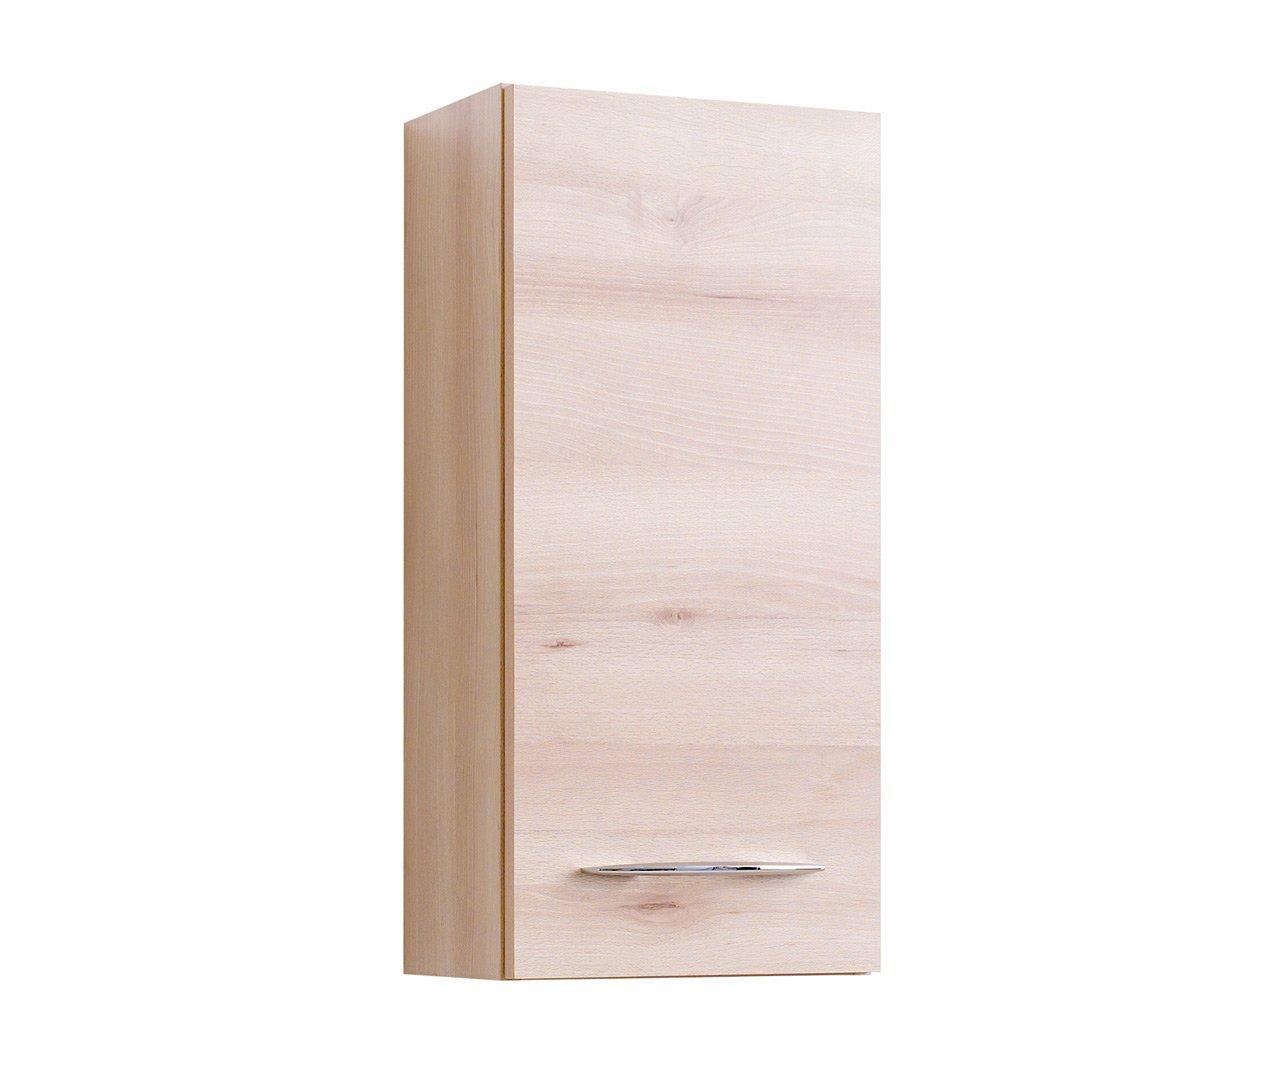 Lifestyle4living Bad Hängeschrank in Buche Dekor   Badschrank mit Metallgriffen   Badezimmerschrank mit 1 Tür und 2 Einlegeböden